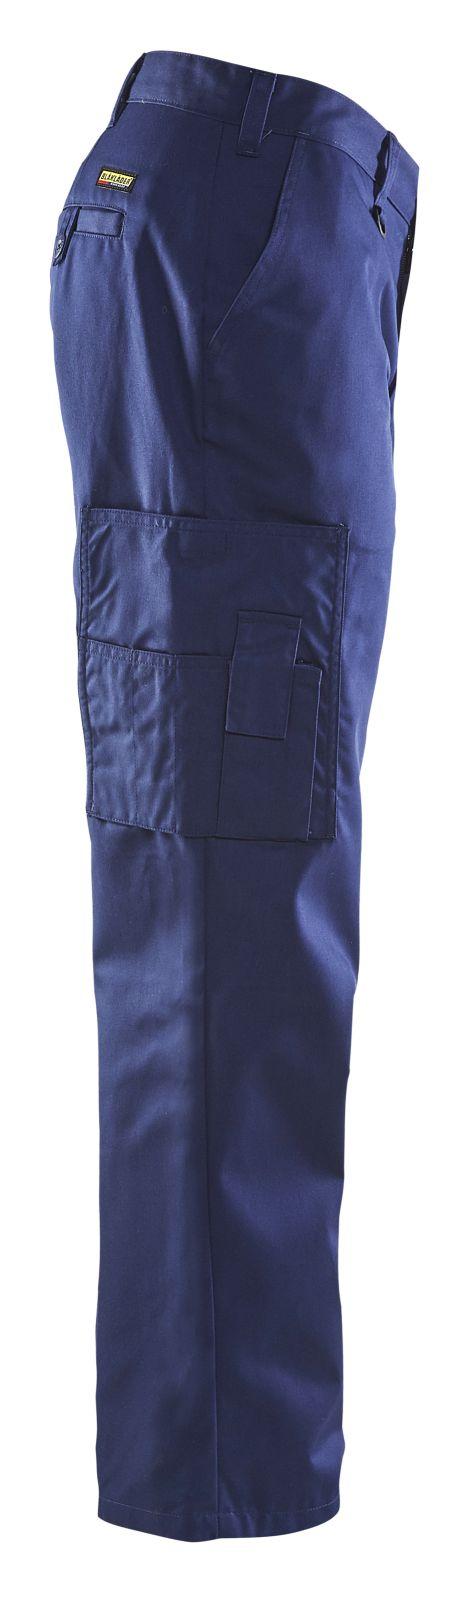 Blaklader Werkbroeken 14001800 marineblauw(8900)